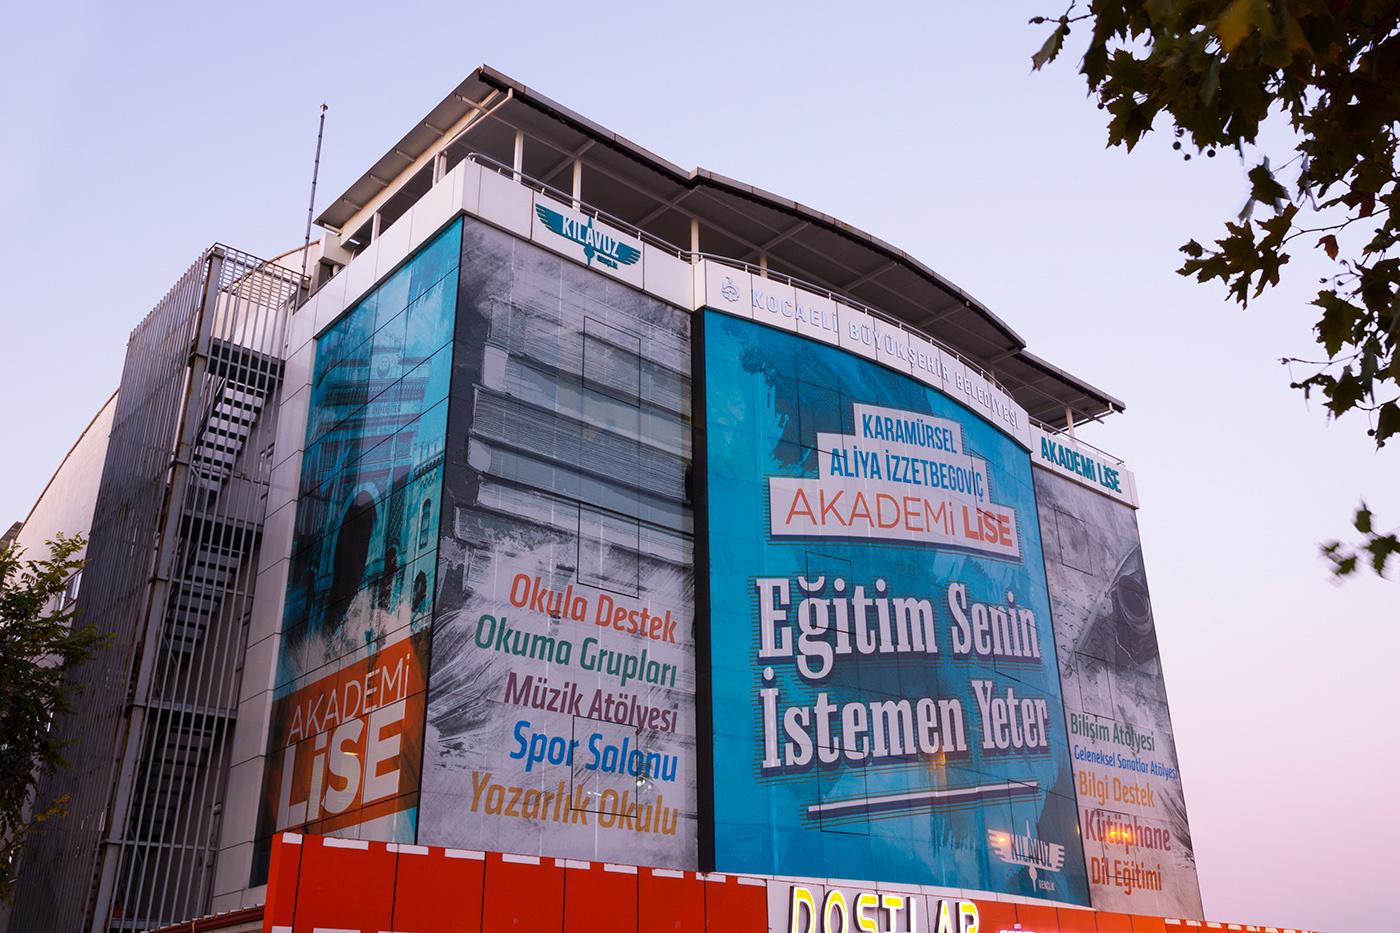 akademi Bina giydirme indoor karamürsel KBB lise Outdoor reklam tasarım